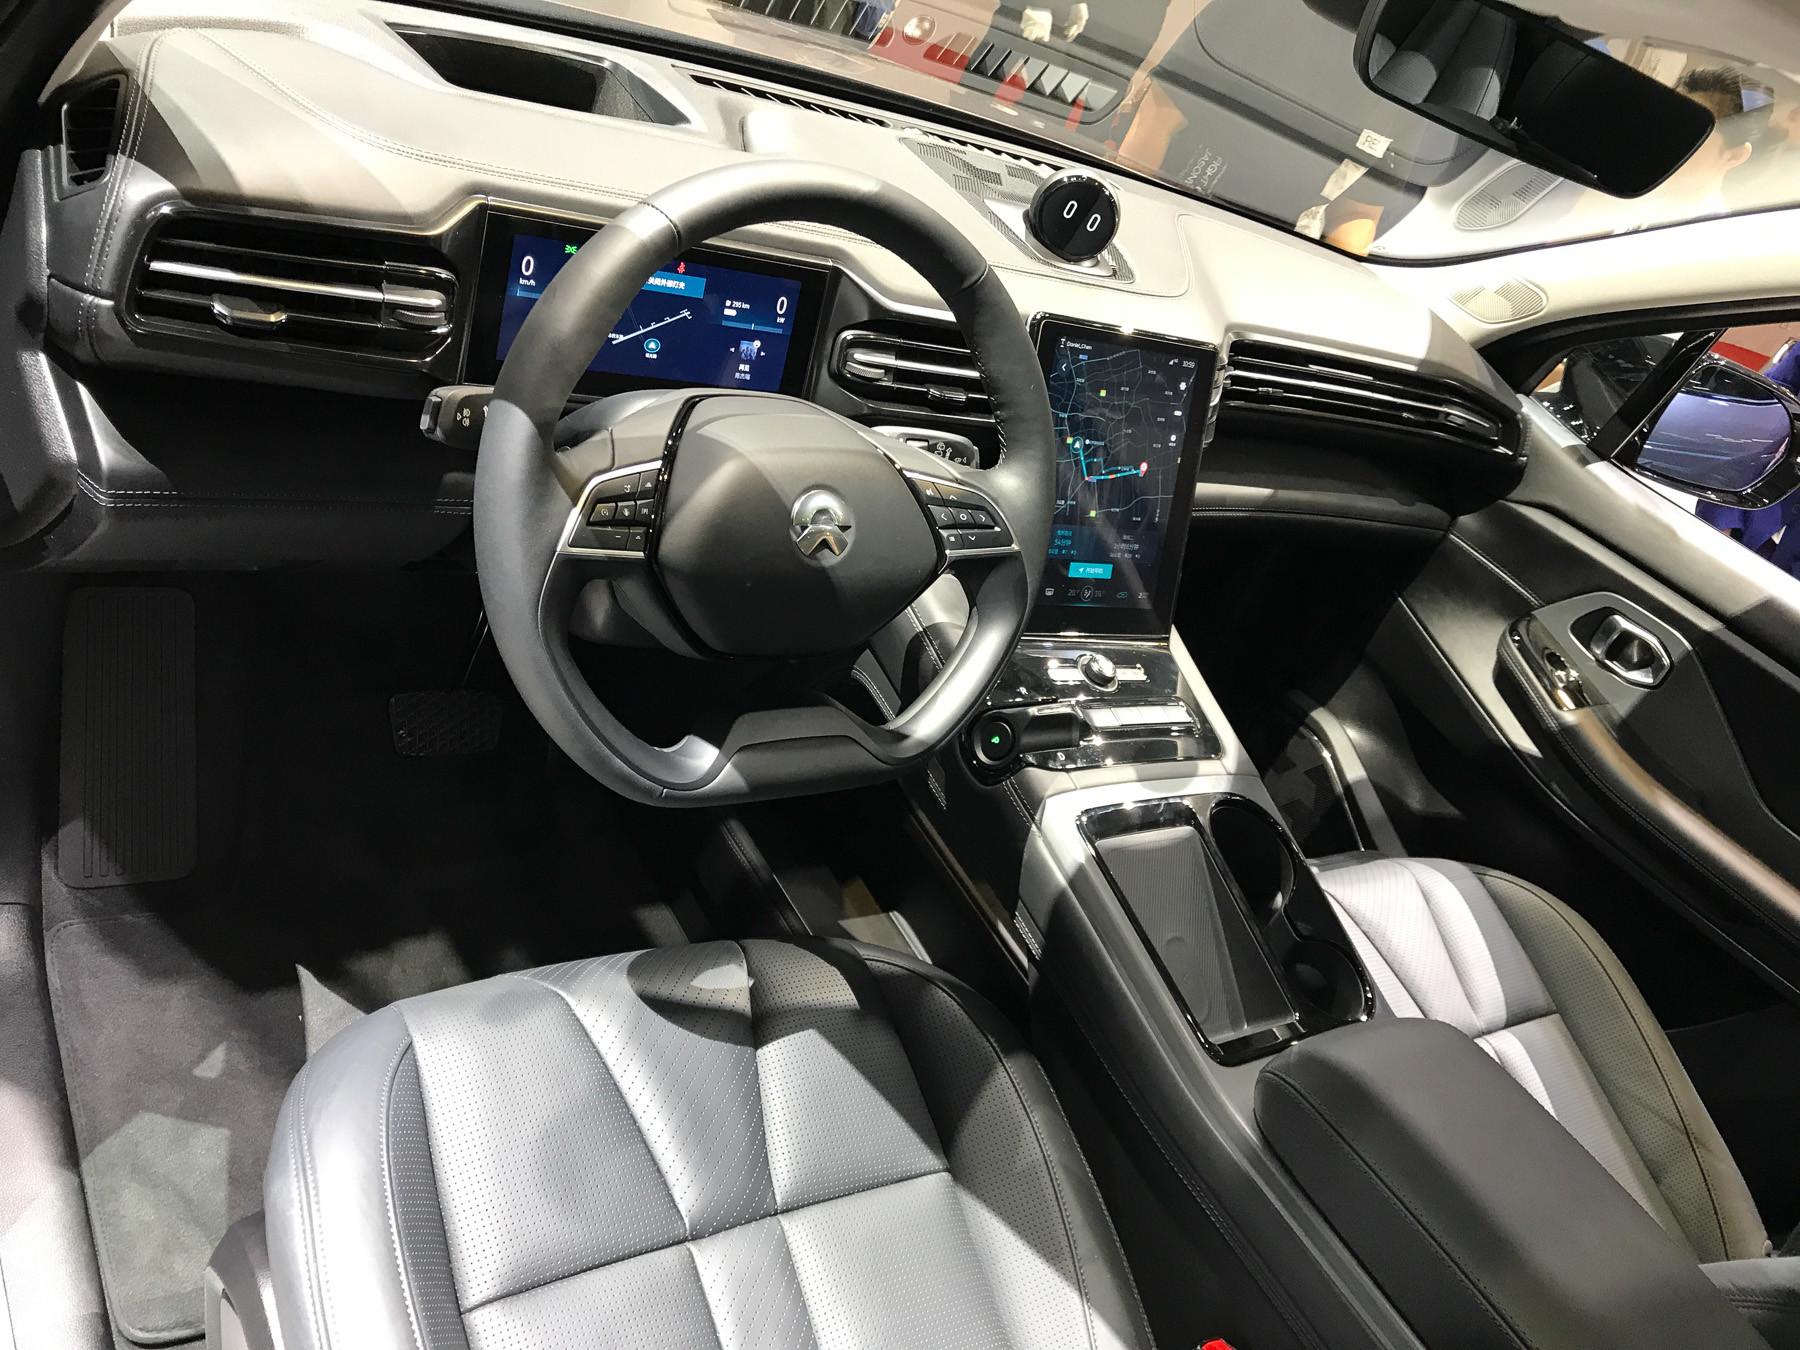 Представлены очень дорогие китайские автомобили  3